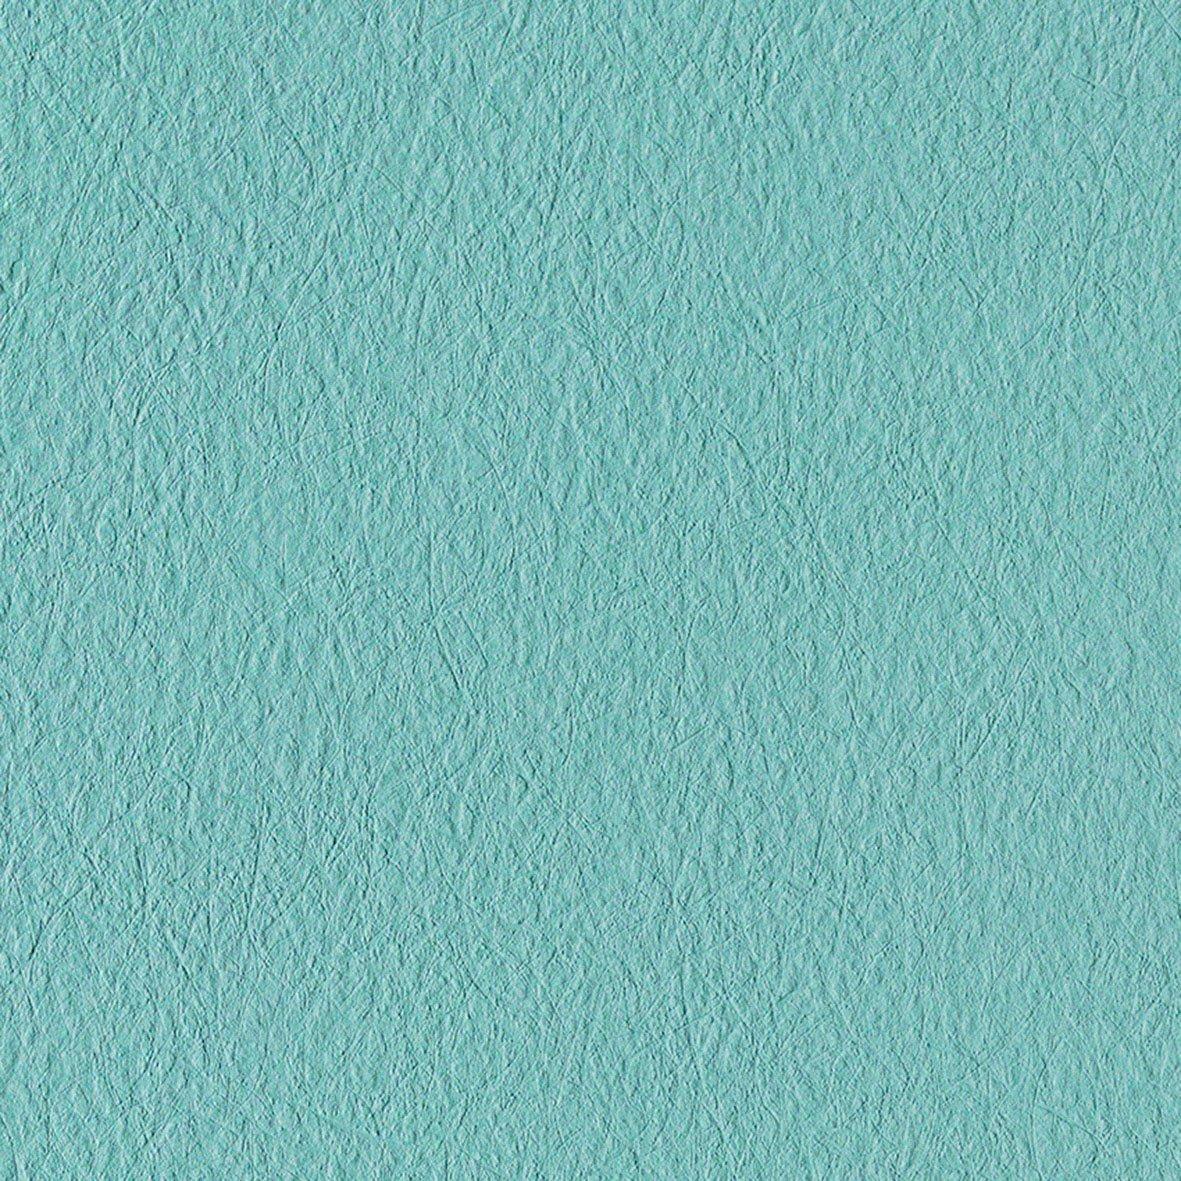 無地 モダン 壁紙26m リリカラ ブルー 26m ブルー B01ihrrttm Lv 6139